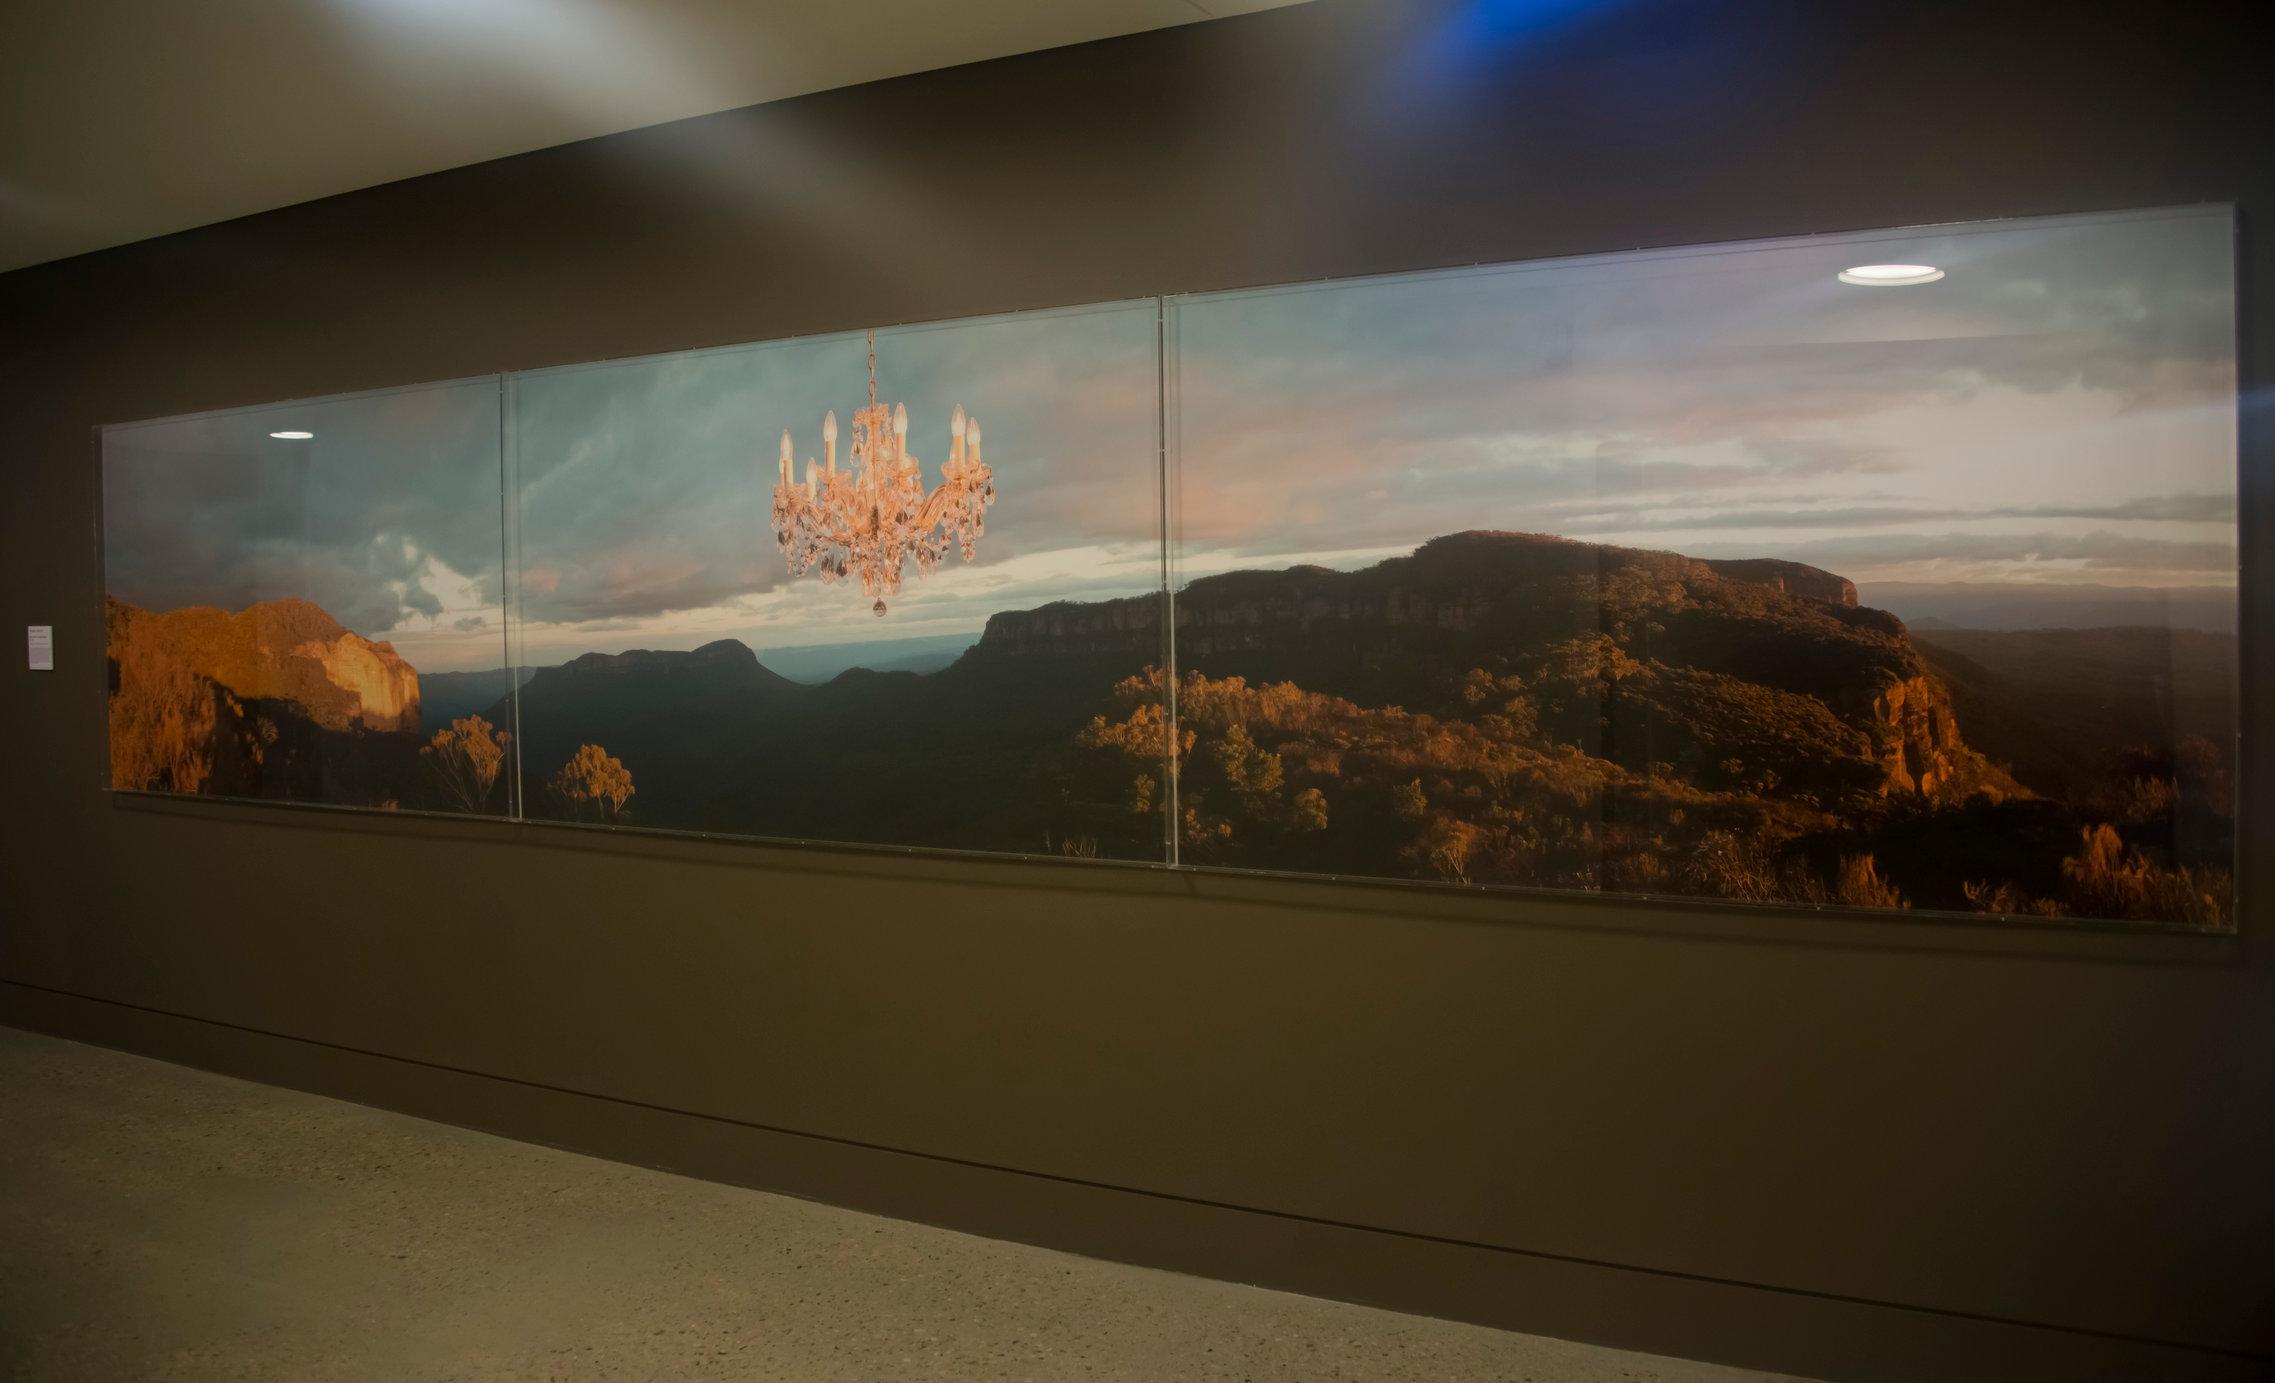 Permanent Public Art Commission Blue Mountains Cultural Centre 2013 'Illumination, Blue Mountains'